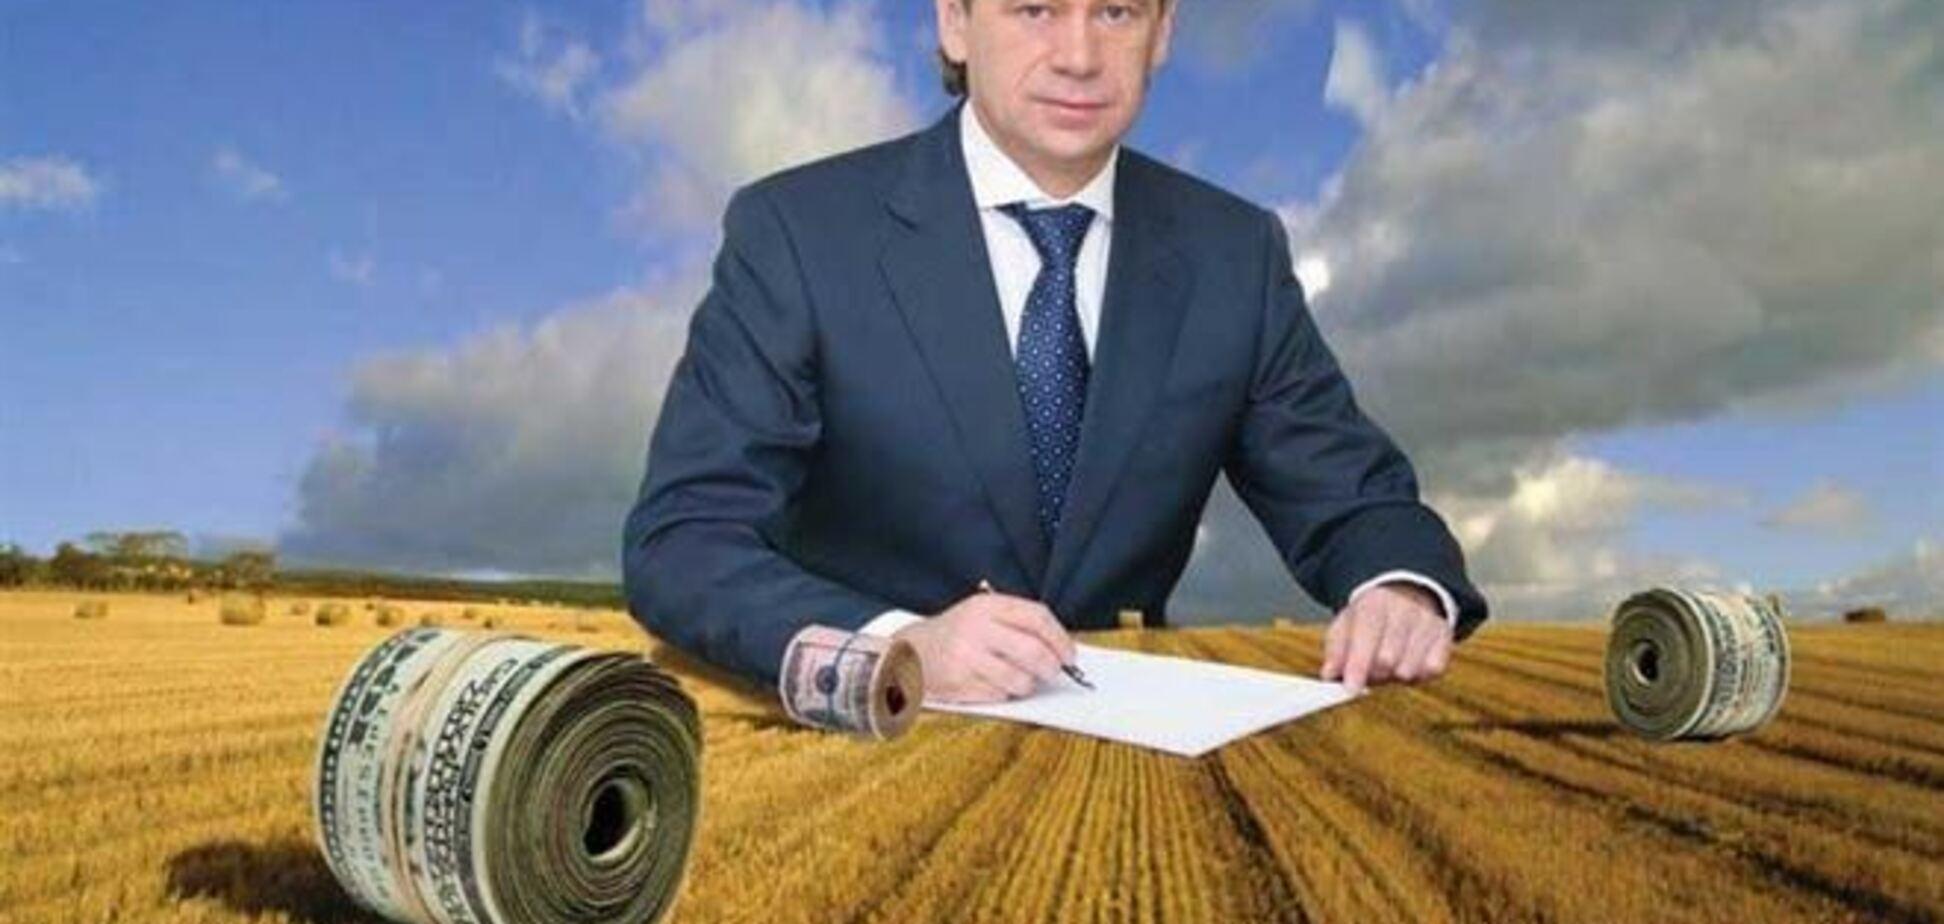 У экс-министра Присяжнюка изъяли $286 тыс. и 659 тыс. грн